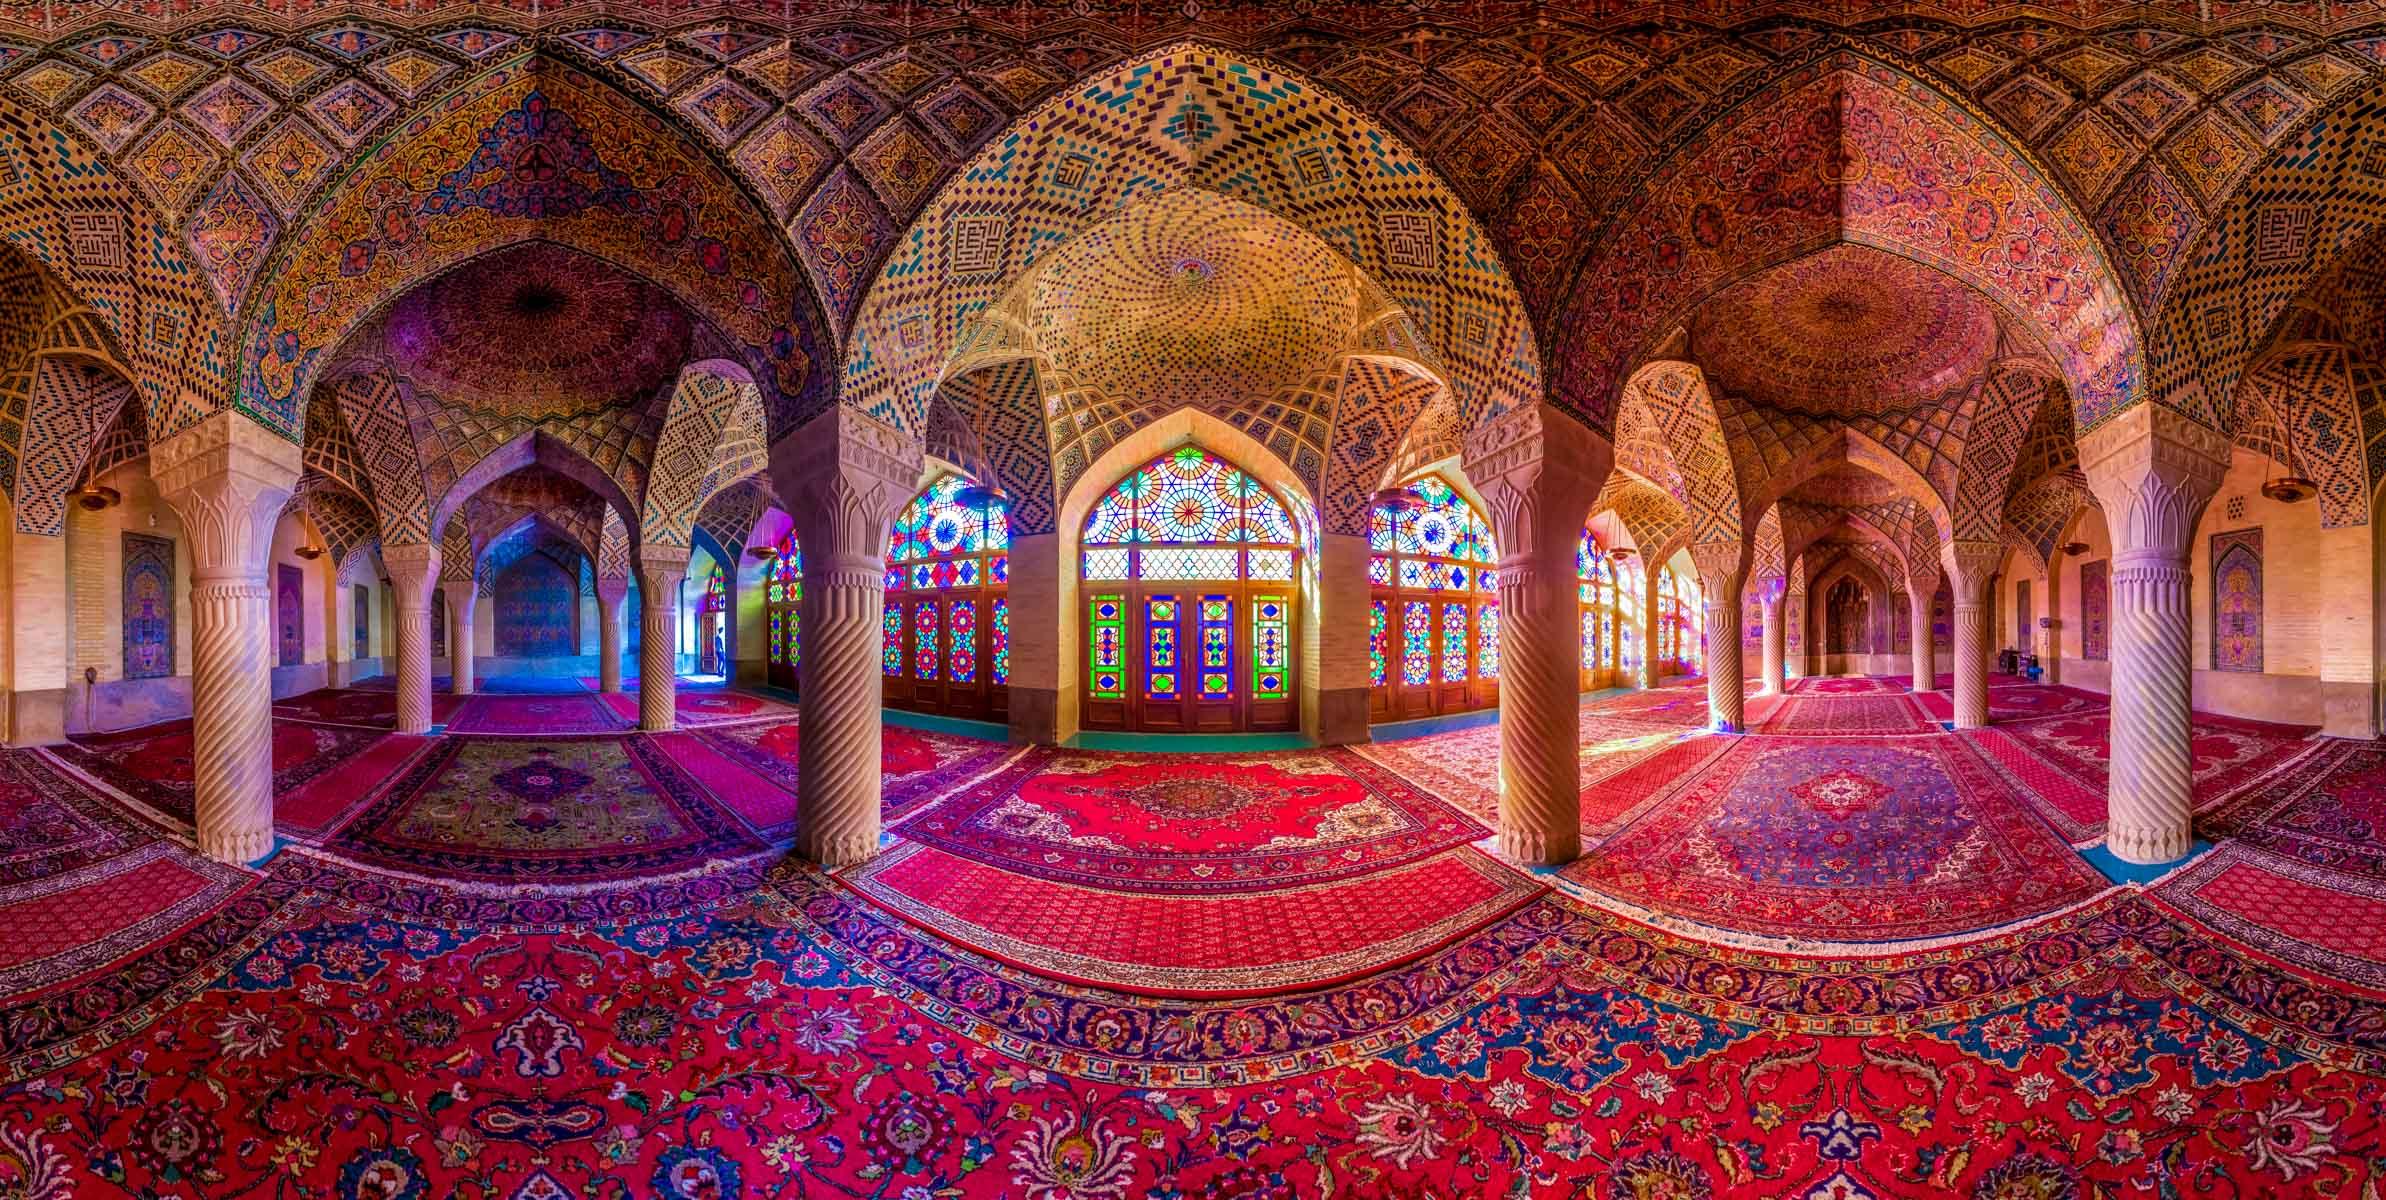 ۹ مکان در ایران که گردشگران خارجی آنها را پیشنهاد میکنند + تصاویر